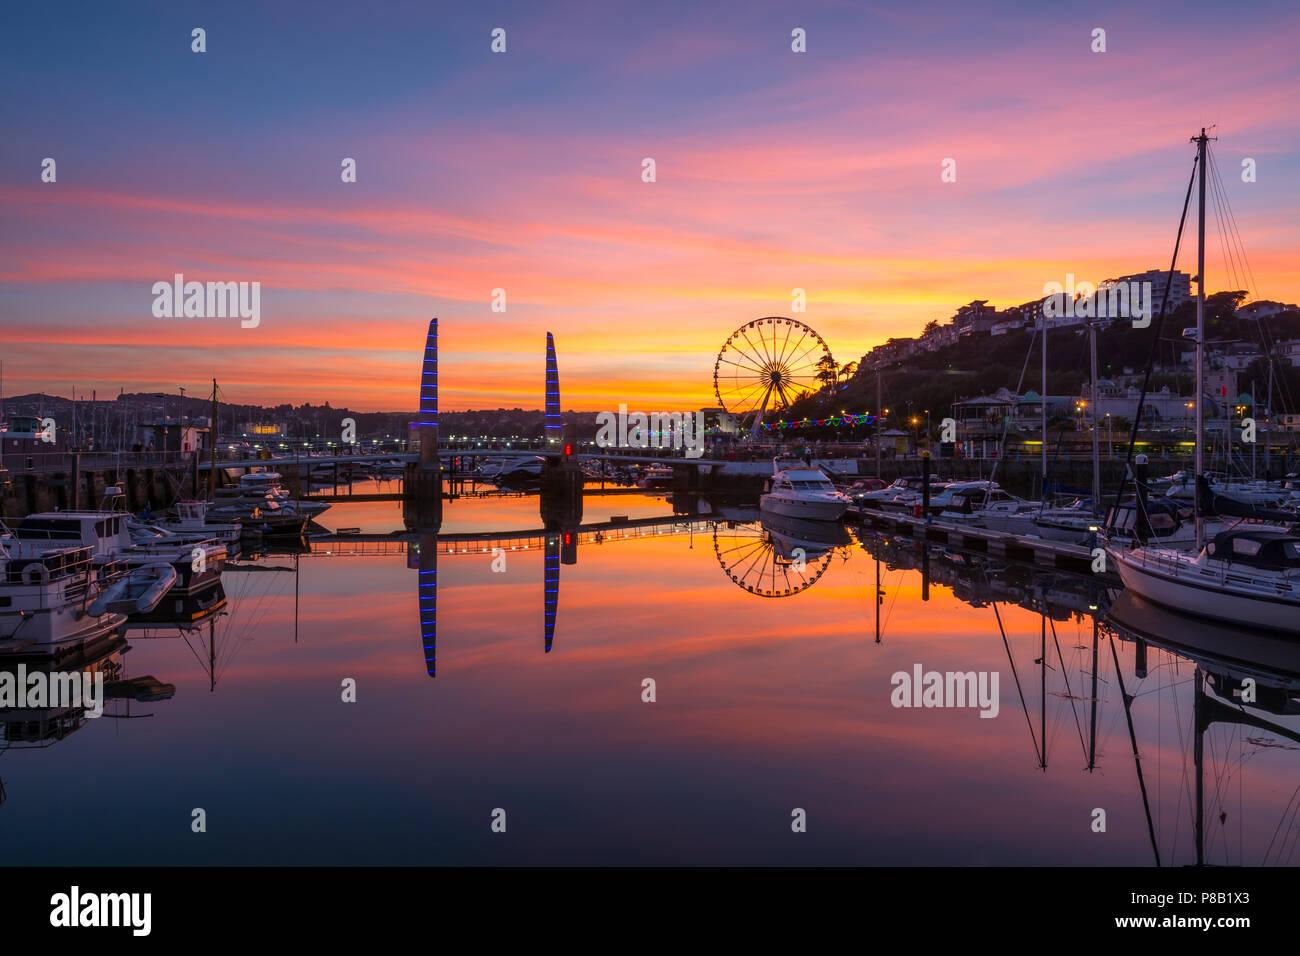 Der Hafen von Torquay Sonnenuntergang Stockbild